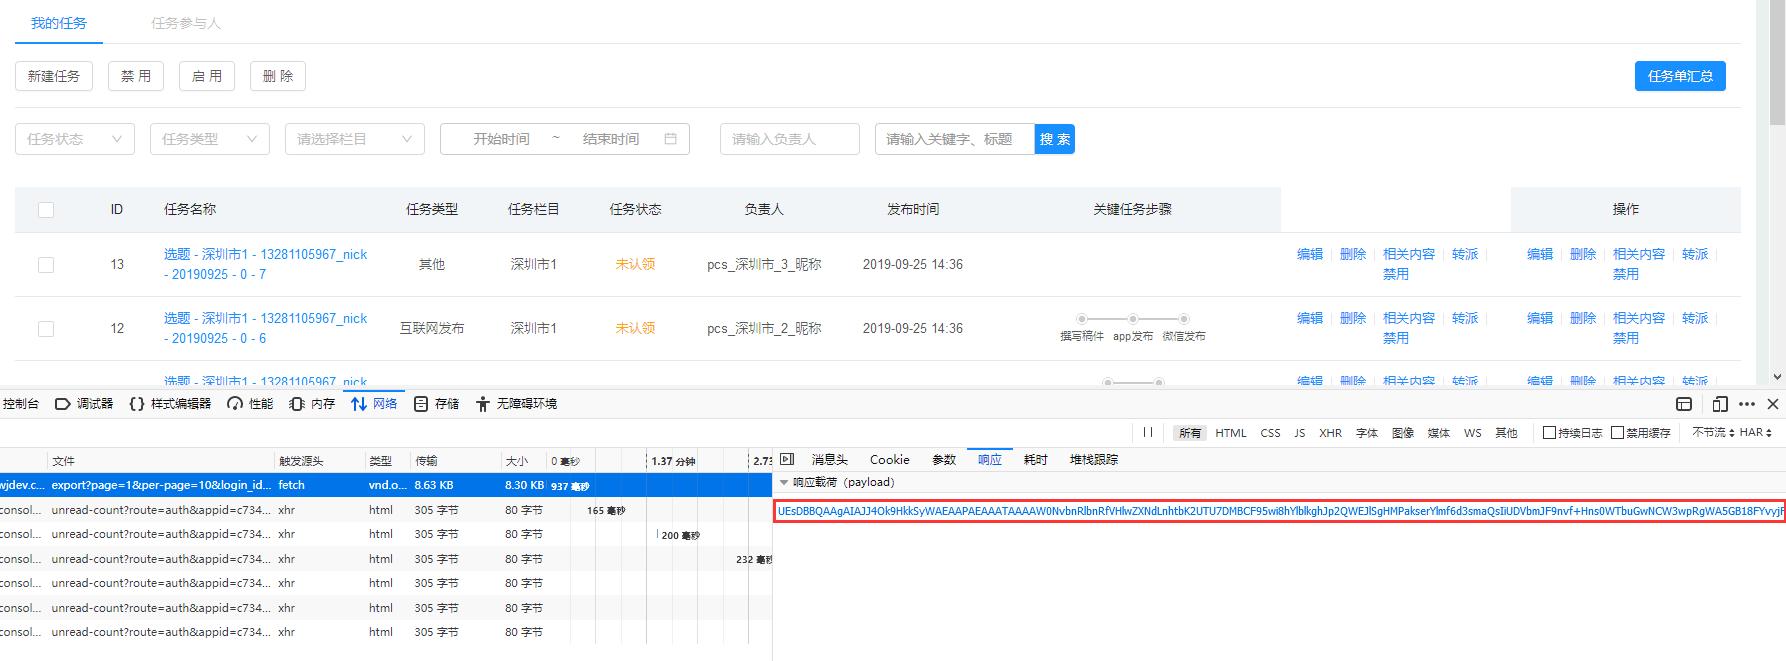 初步分析原因,应该在于前端代码对于响应头并未实现完整地解析,因此,即使服务端响应要求前端下载文件,但是前端仍然基于 json 格式来解析数据